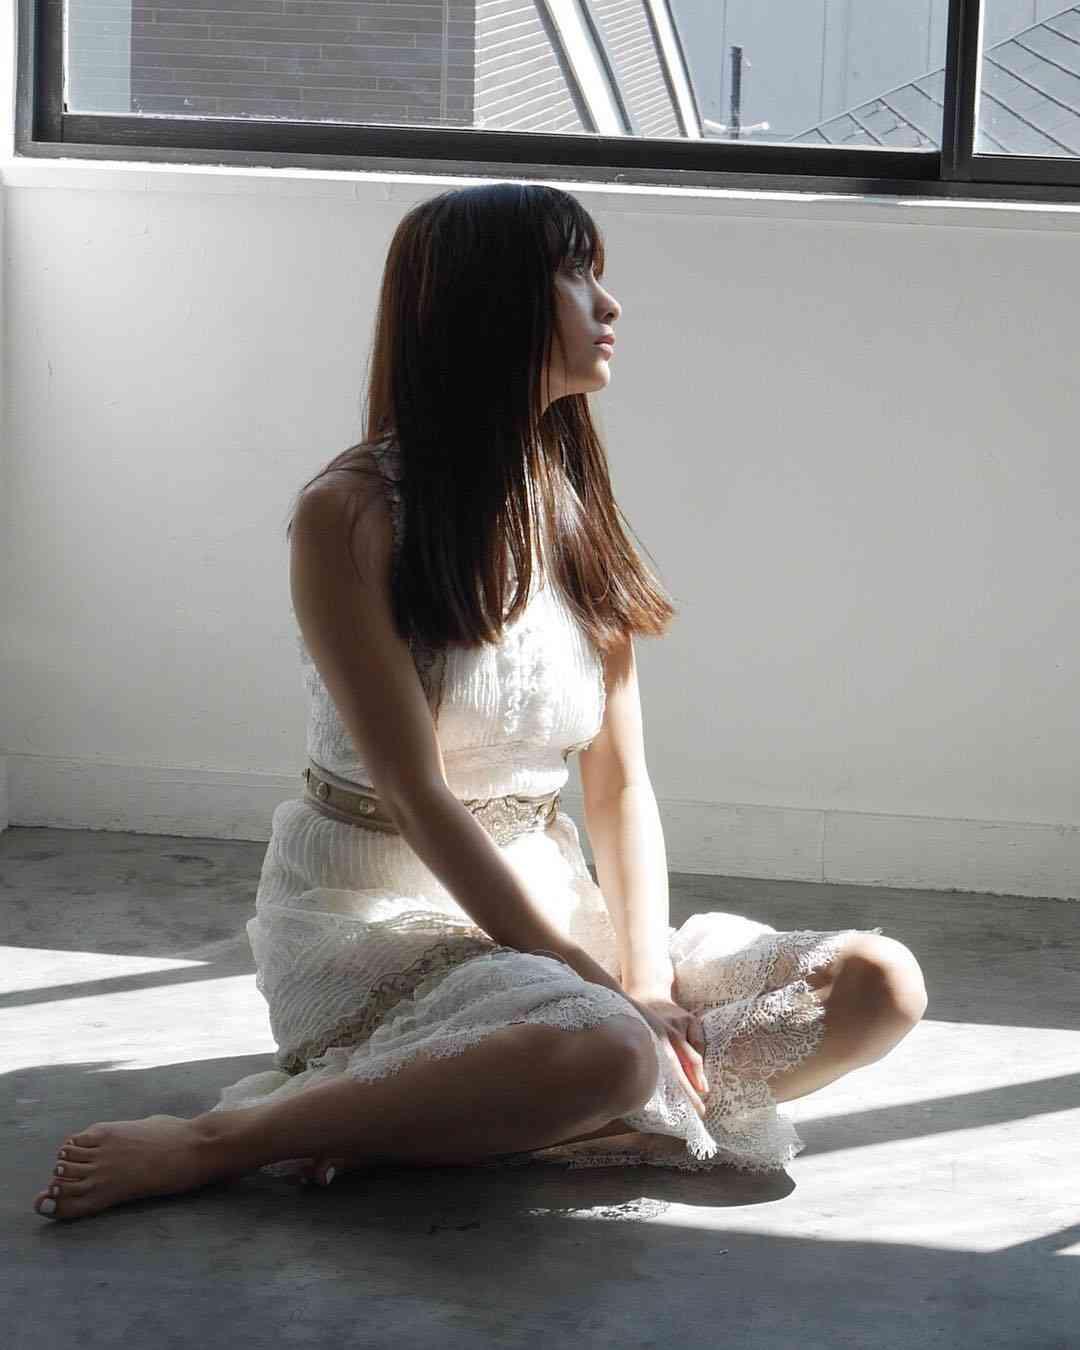 山本美月の白肌にうっとり「美しすぎる」「天使のよう」と絶賛の声